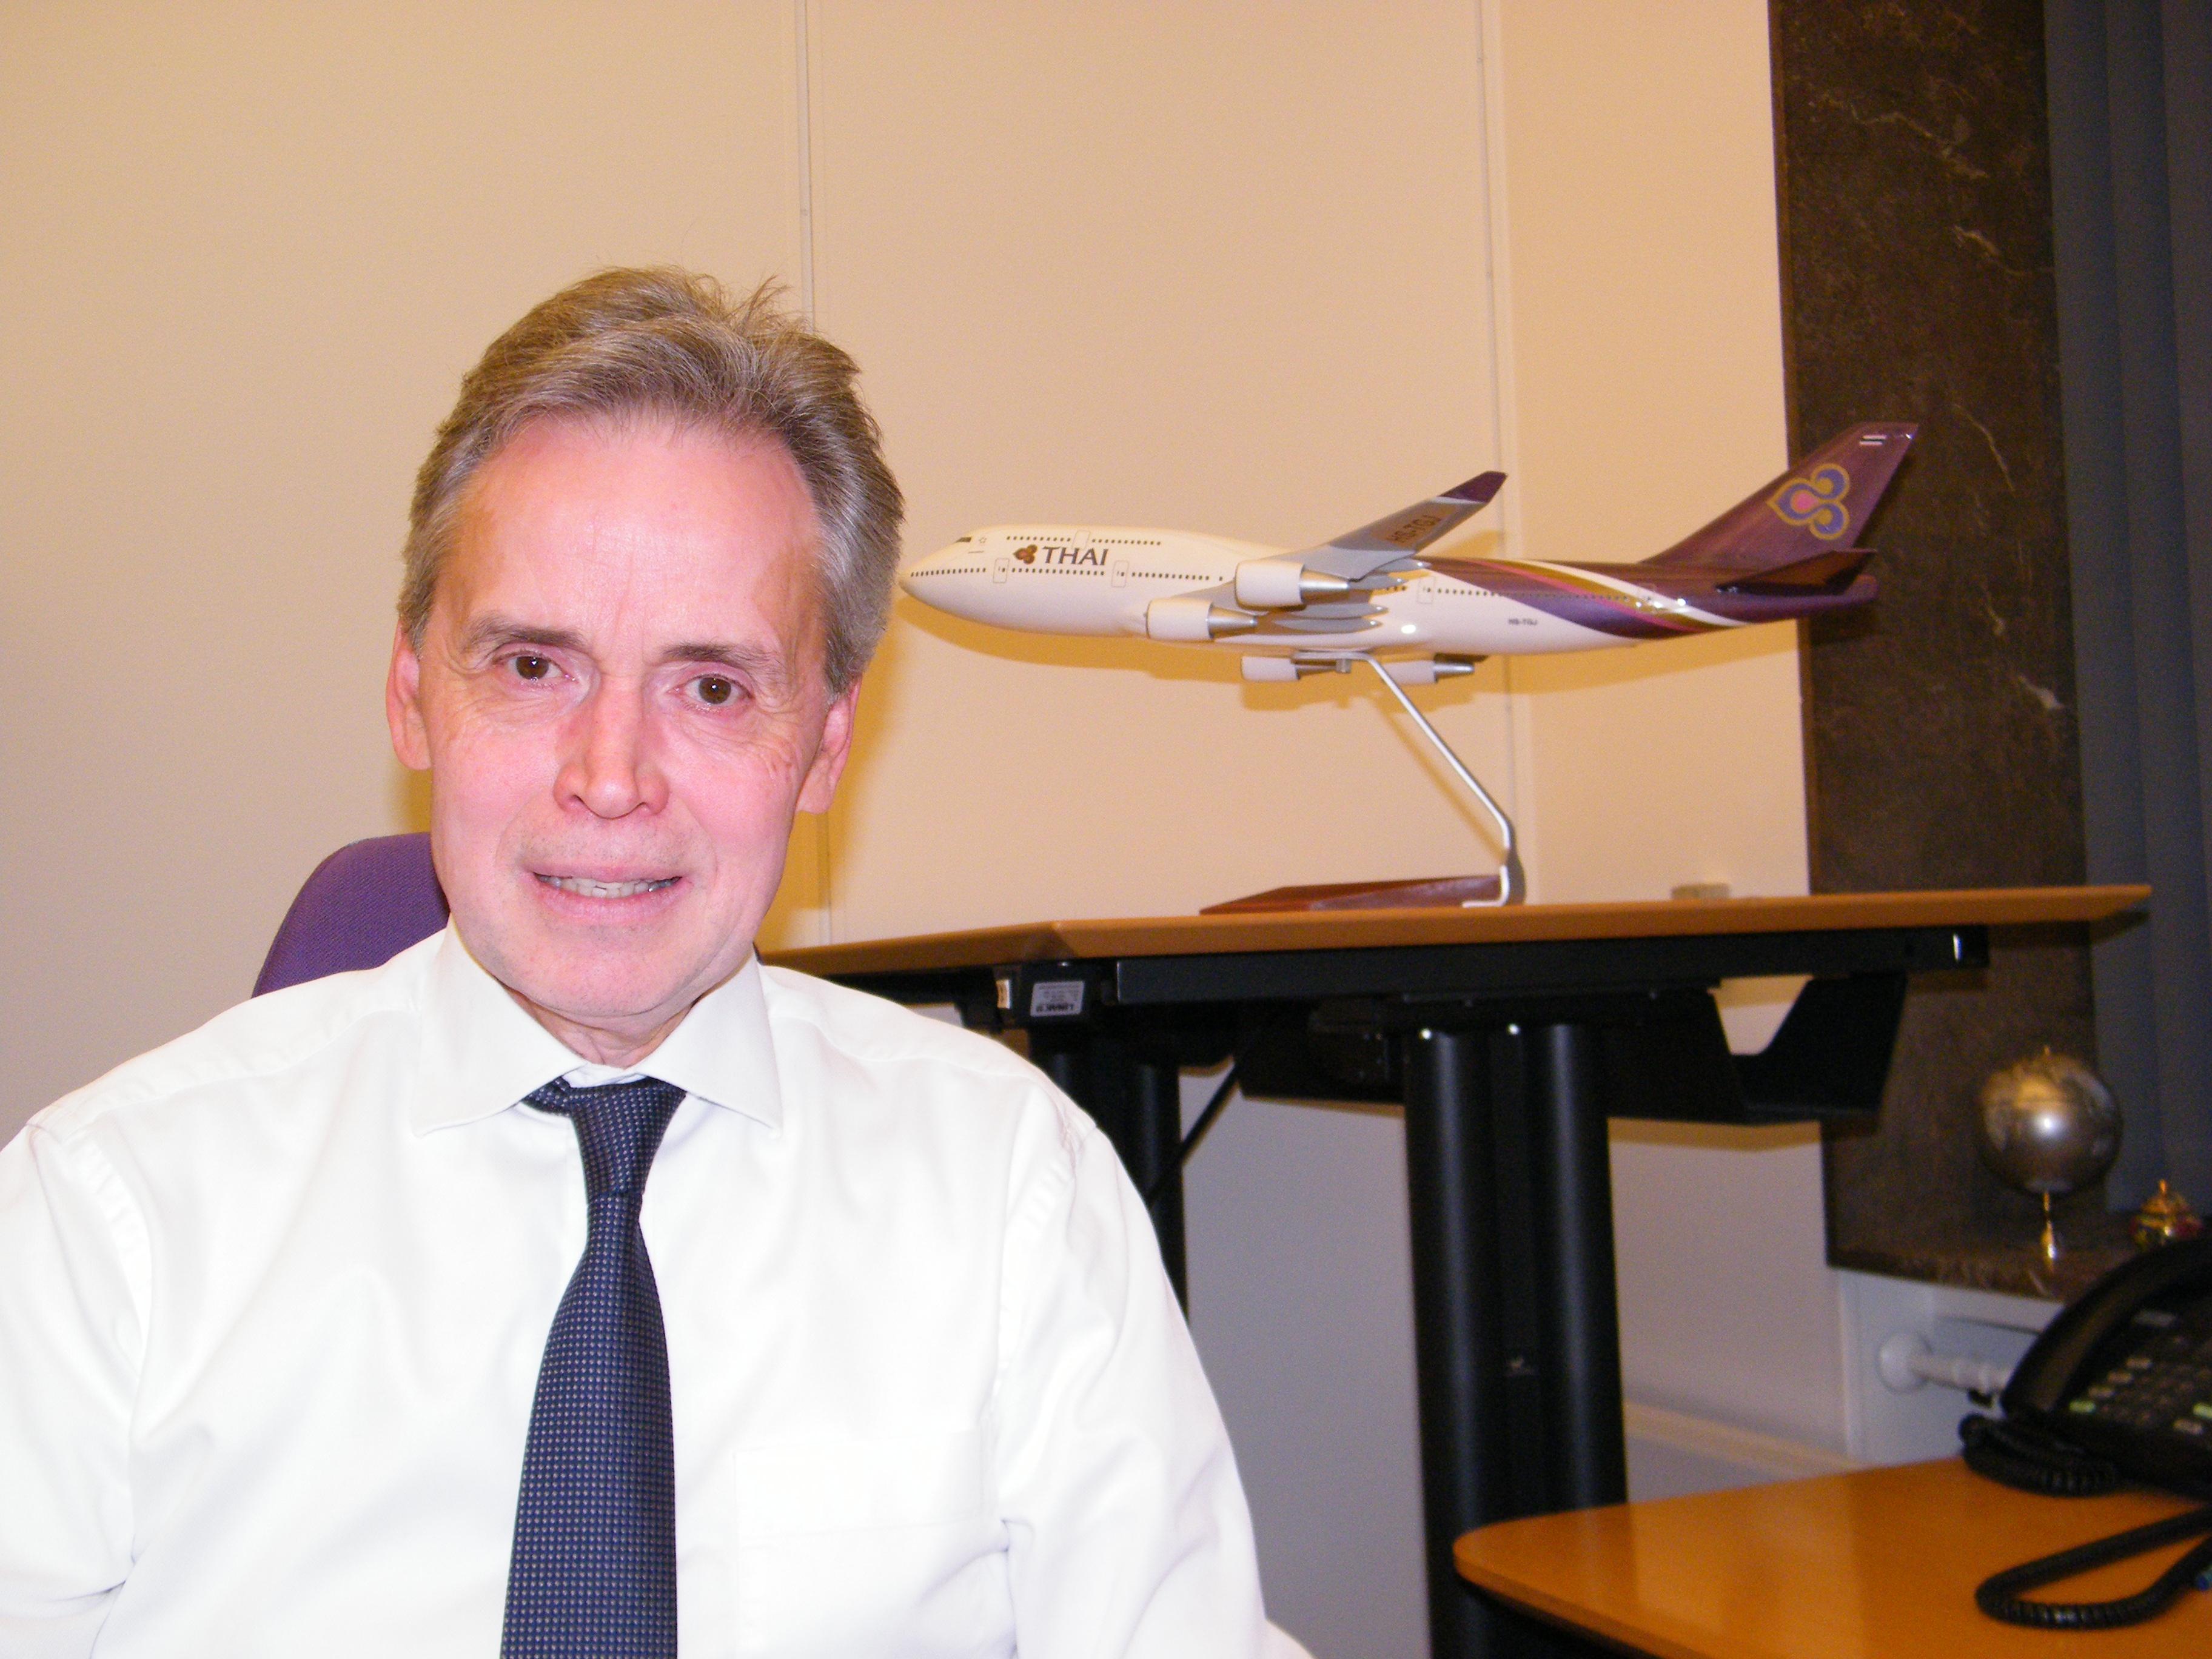 Salgschef Flemming Sonne stopper ved udgangen af denne måned hos Thai Airways i Danmark. Foto: Henrik Baumgarten